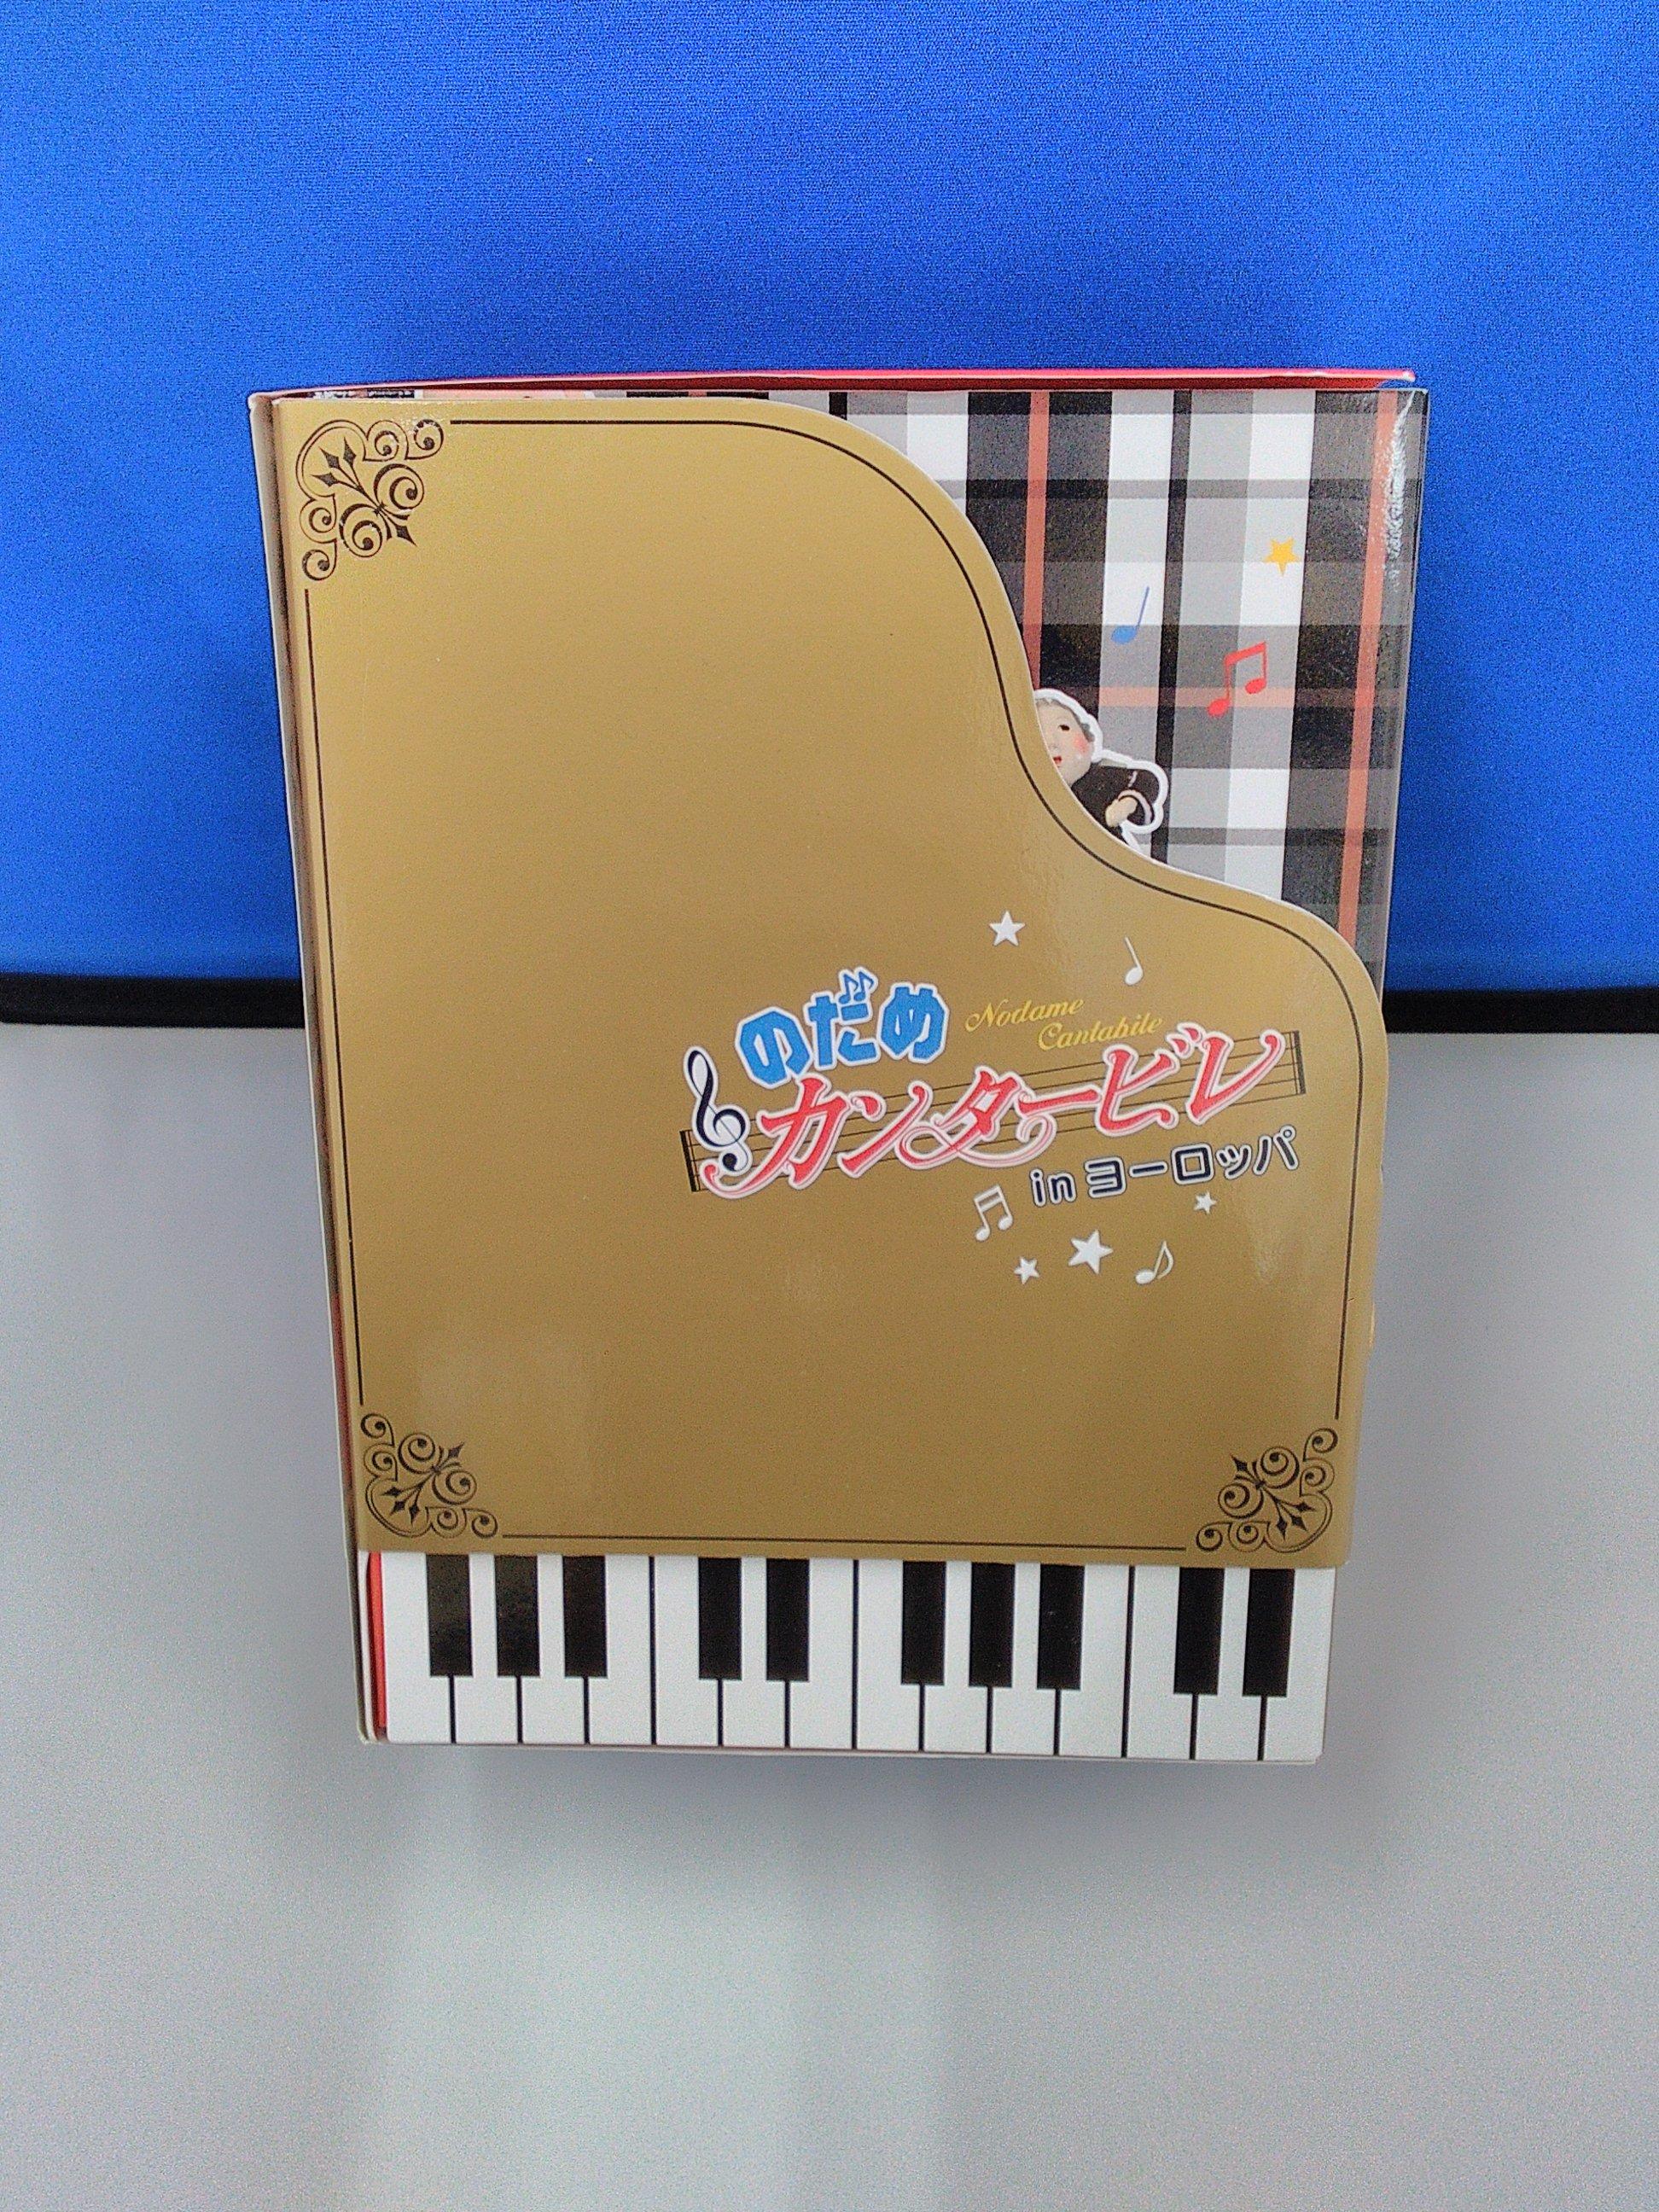 のだめカンタービレ IN ヨーロッパ DVD-BOX|フジテレビ